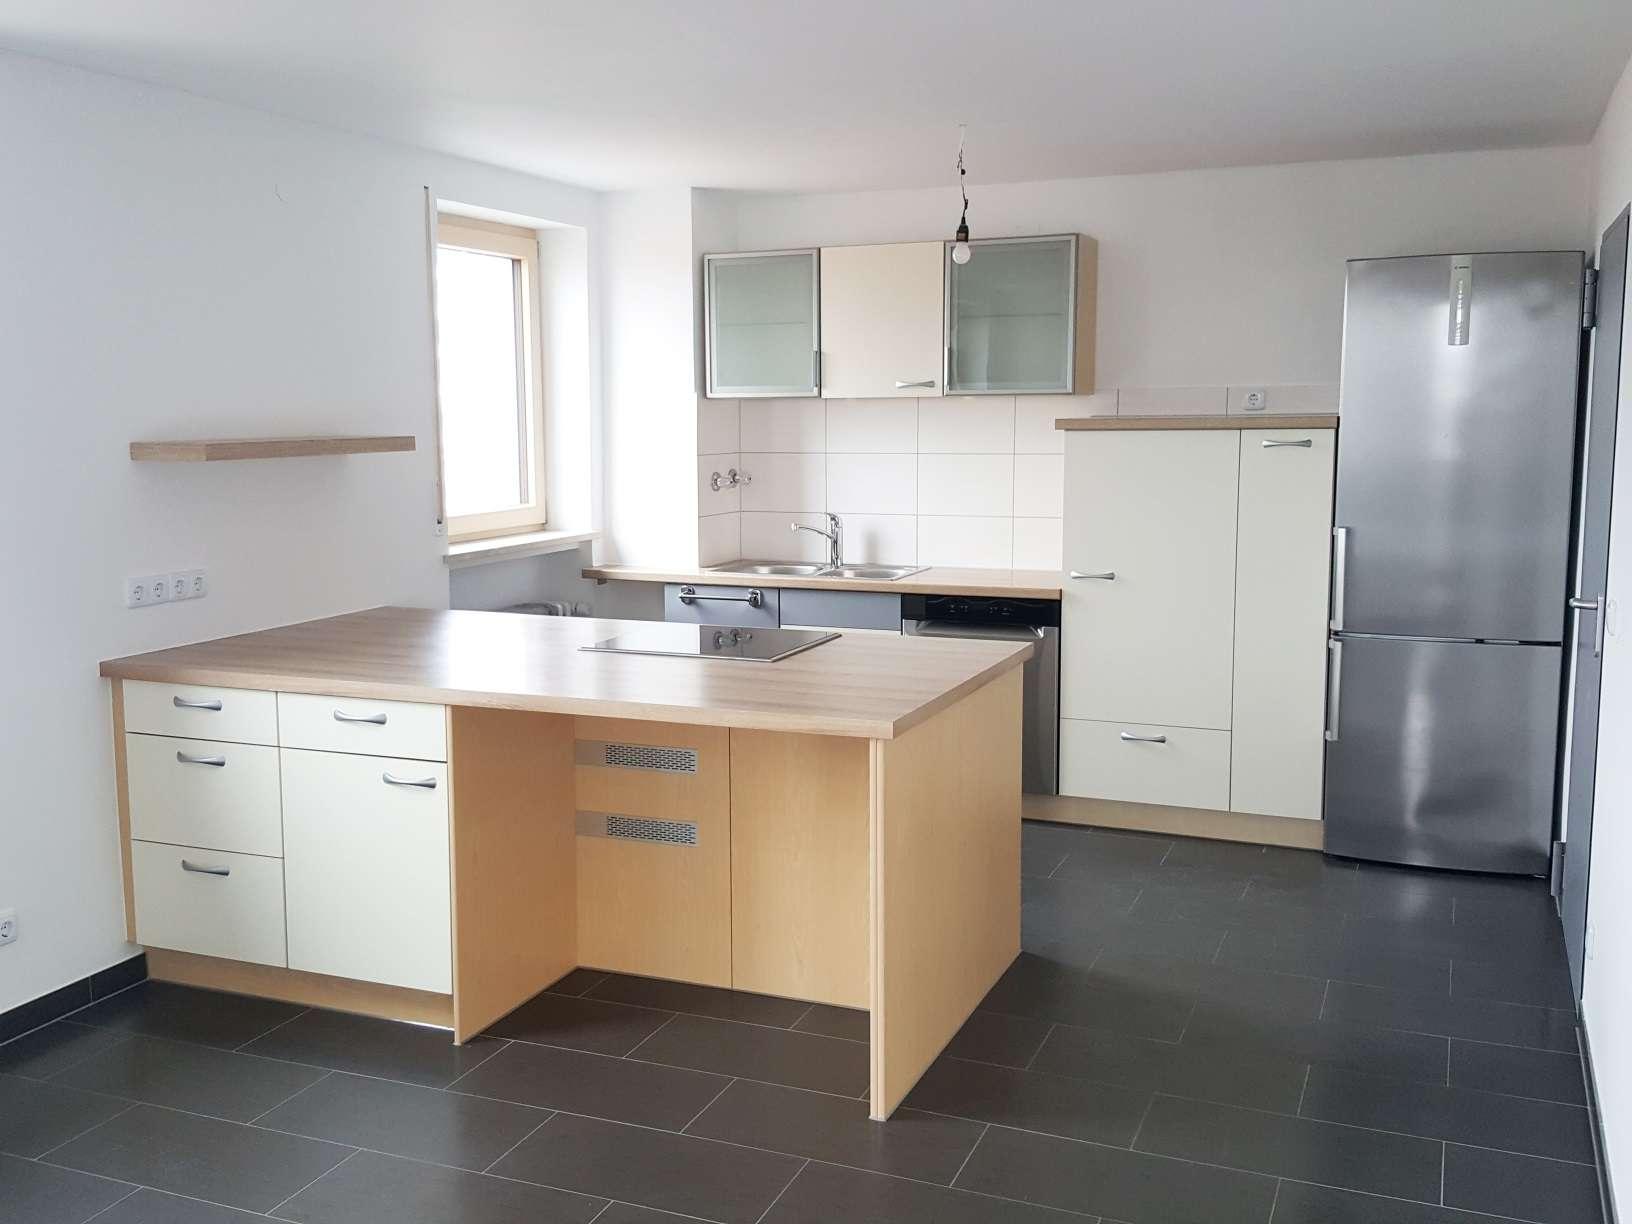 Exklusive 4-Zimmer-Wohnung mit Balkon, Tageslichtvollbad und EBK in Mindelheim